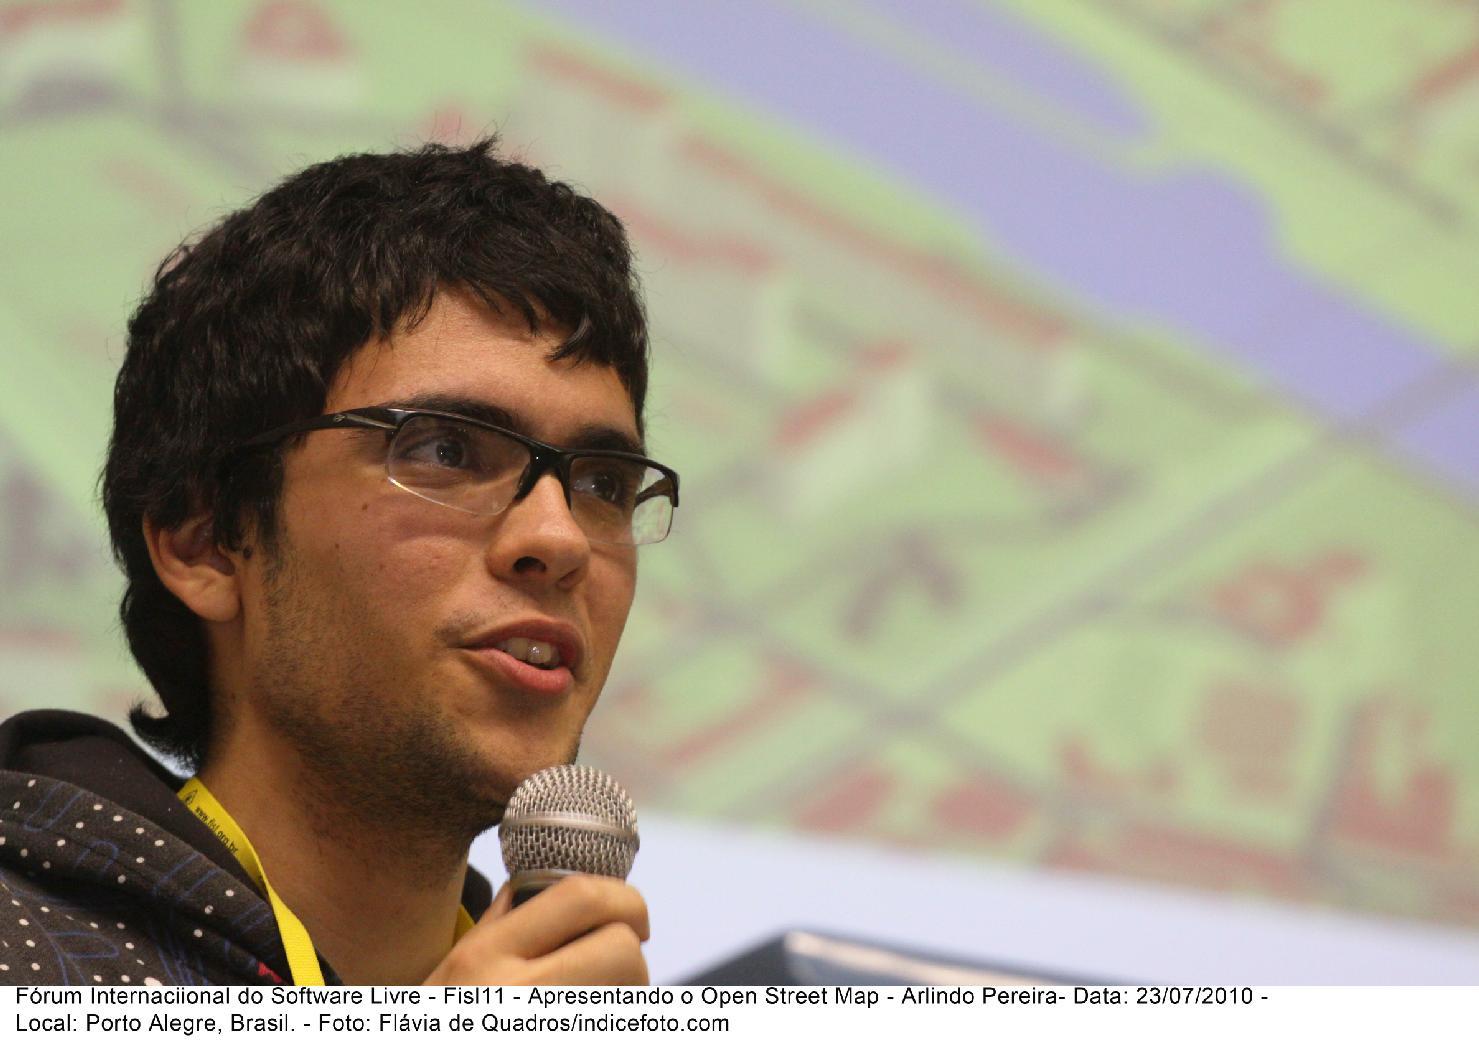 Arlindo Pereira